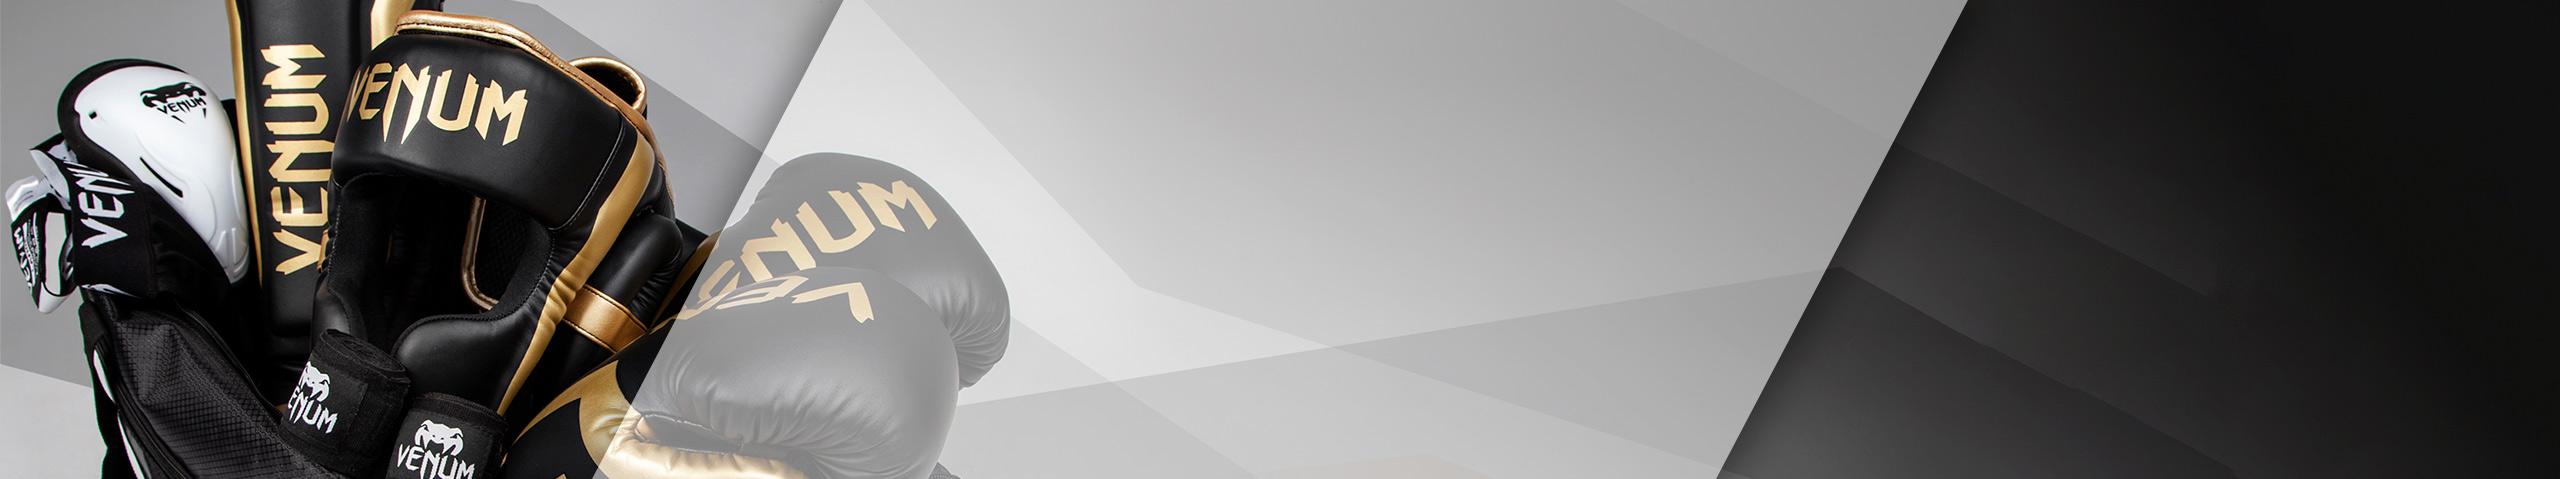 Venum Equipment | Venum.com Asia